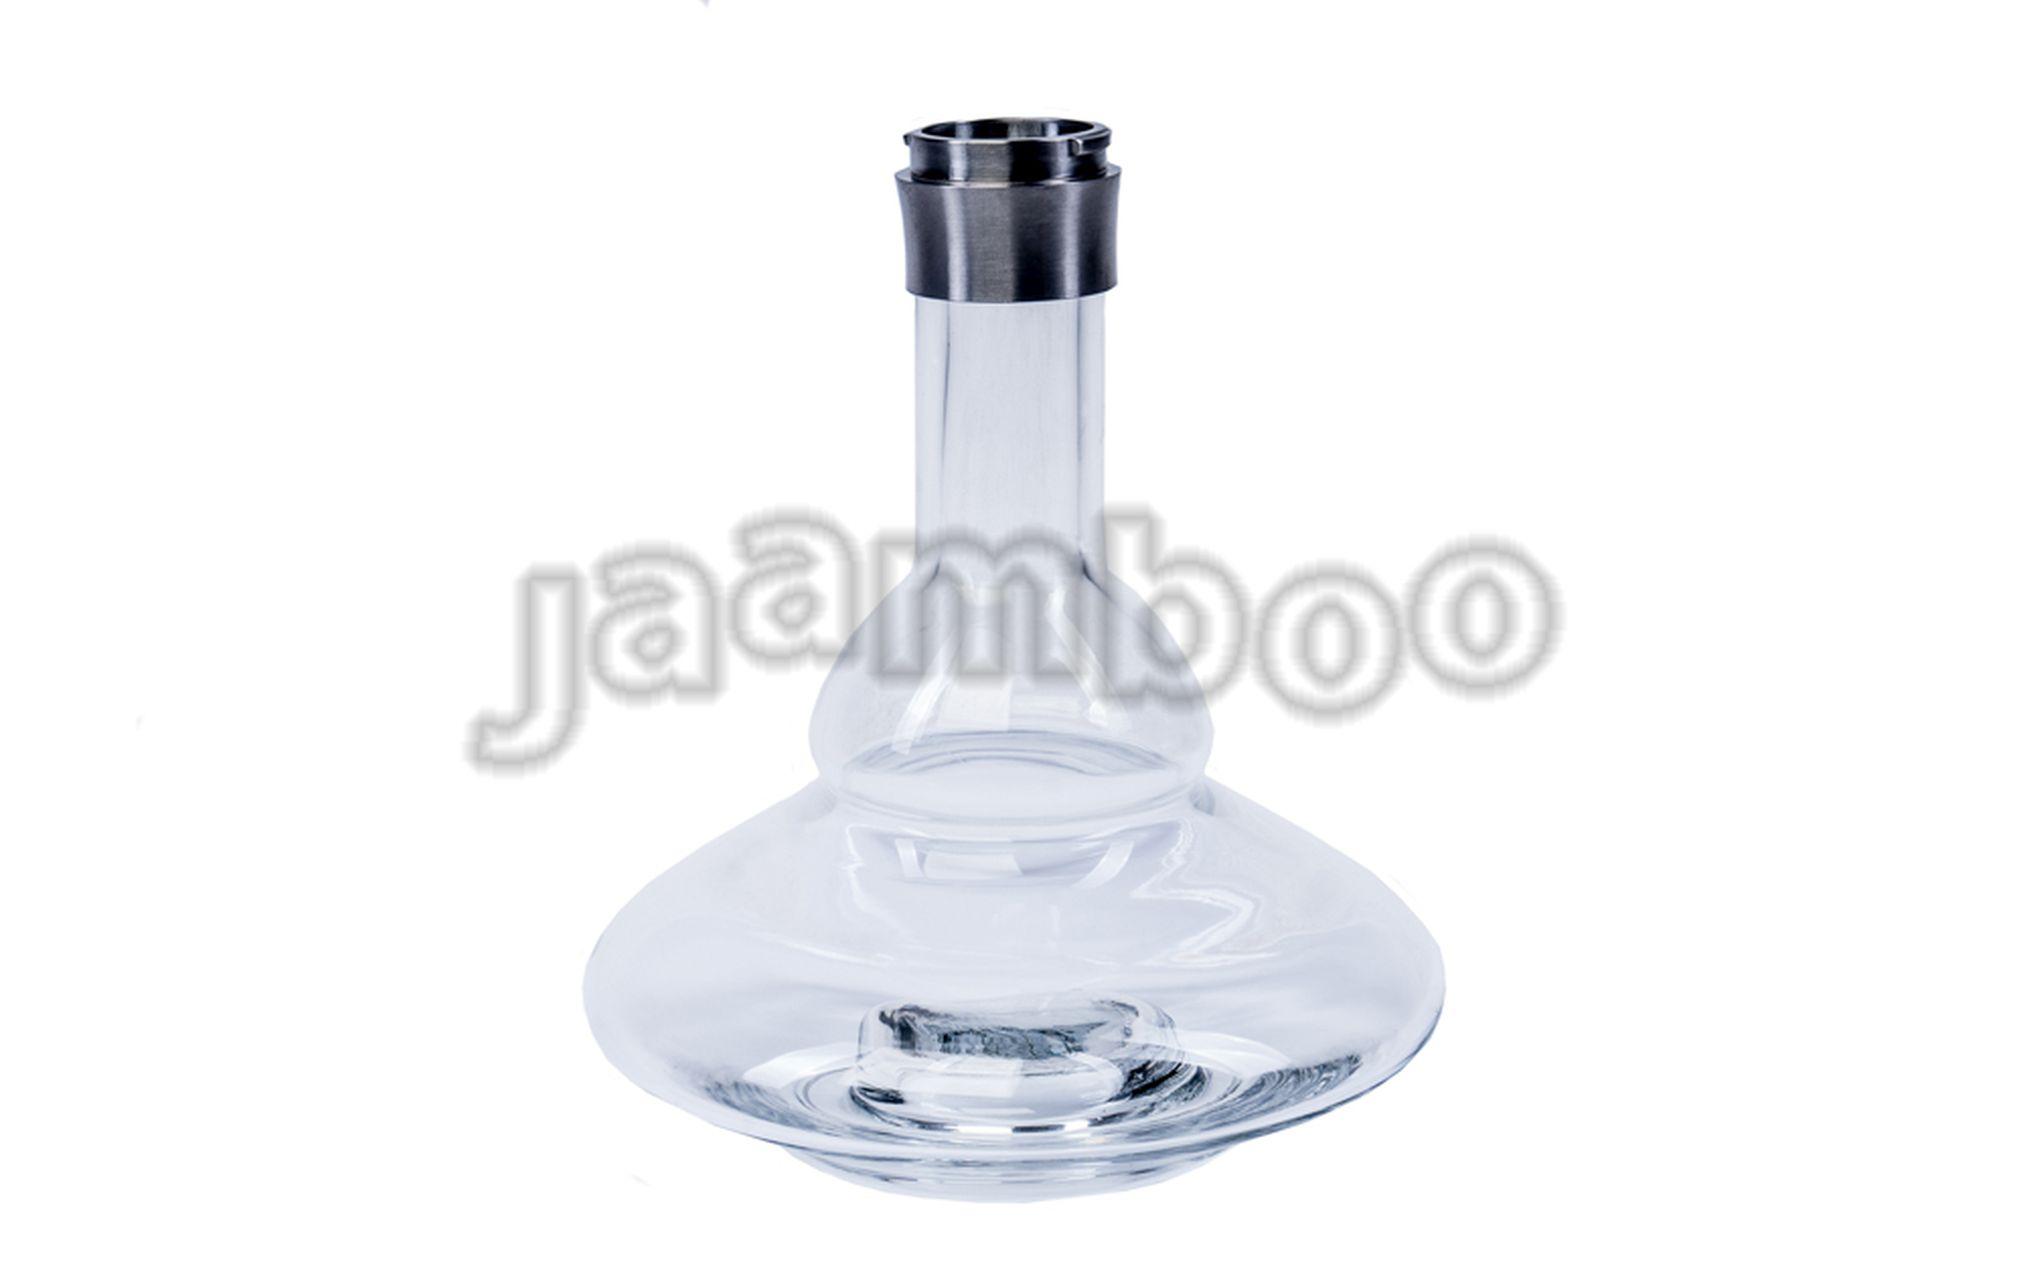 SHISHA GLAS JAAMBOO 1